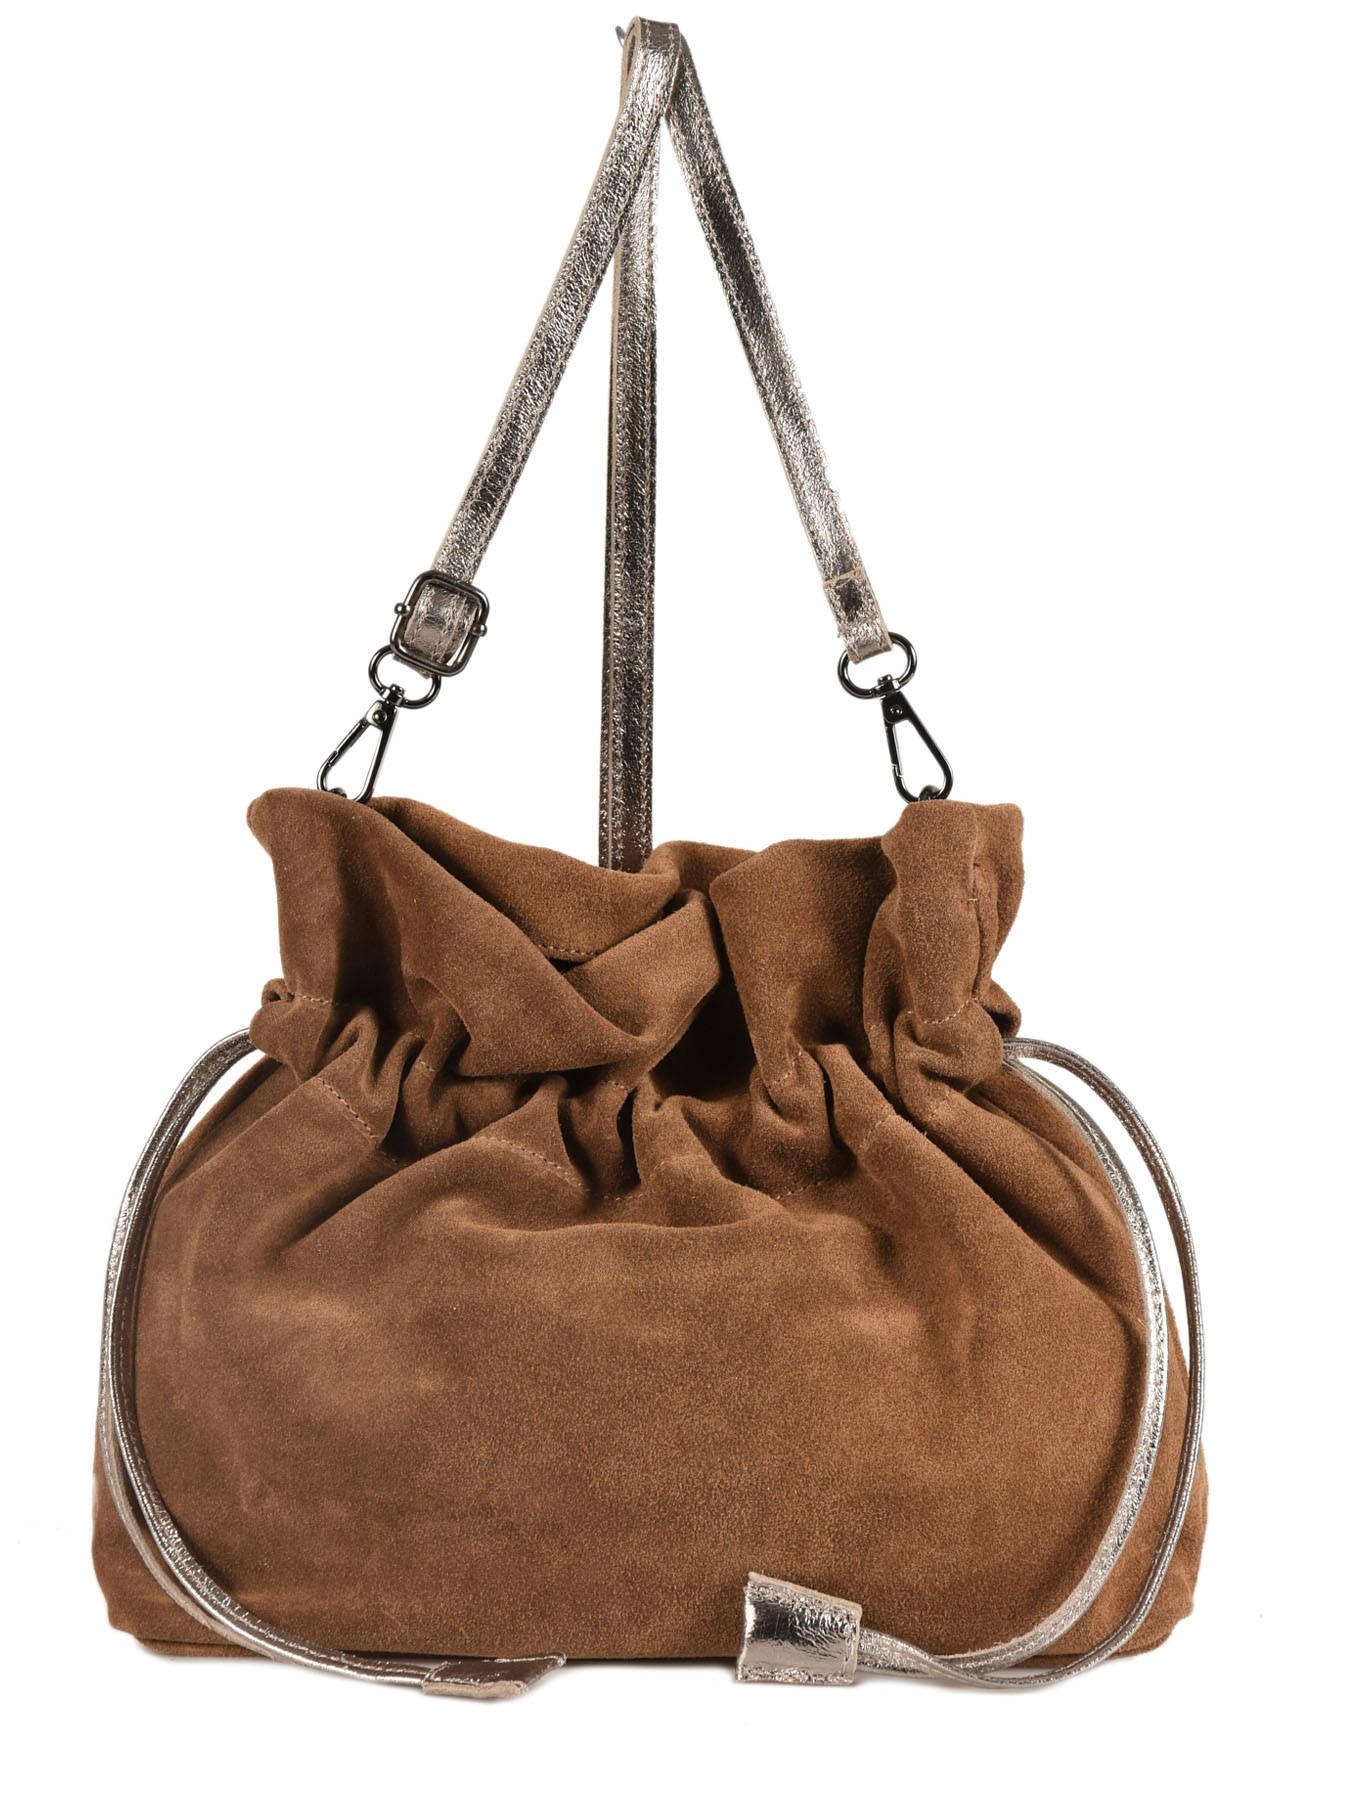 37c42e59b348 ... Crossbody Bag Velvet Leather Milano Brown velvet VE31731 ...